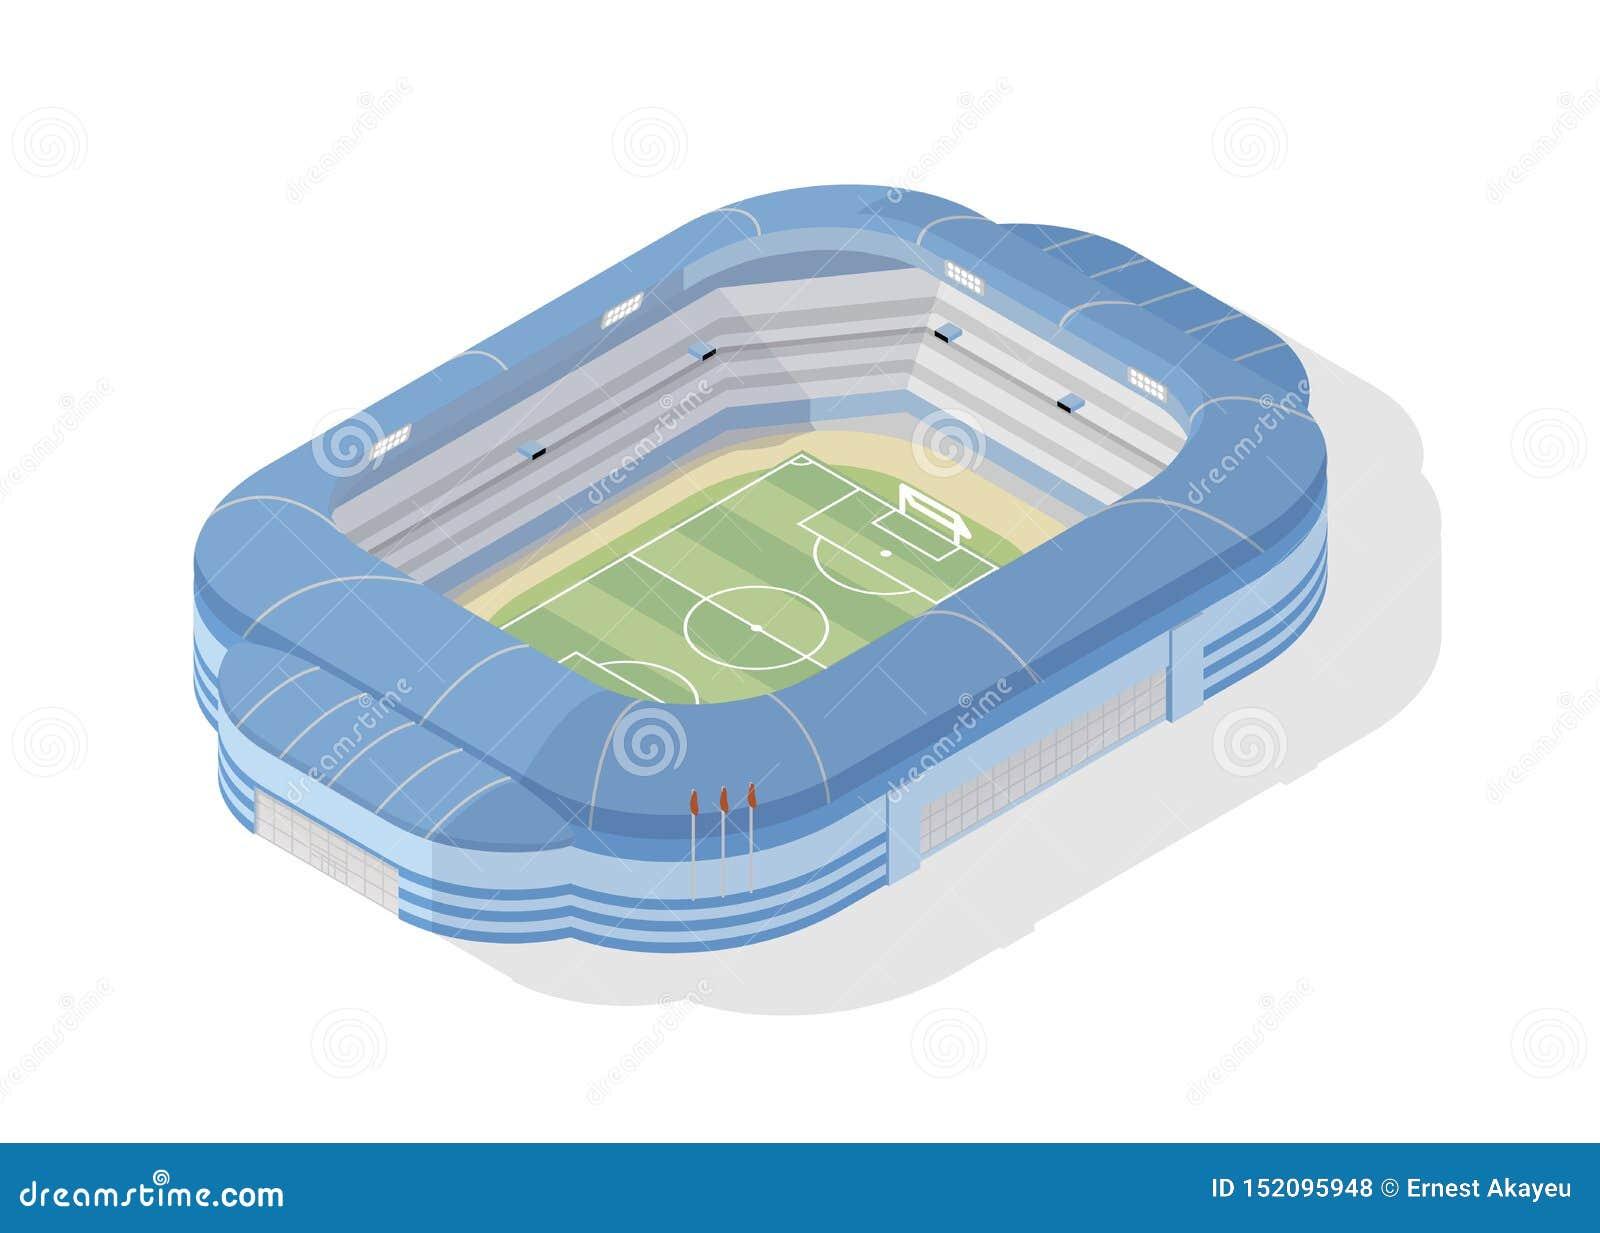 等量足球场 在白色背景隔绝的现代橄榄球竞技场 运动会比赛地点、大厦或者结构为